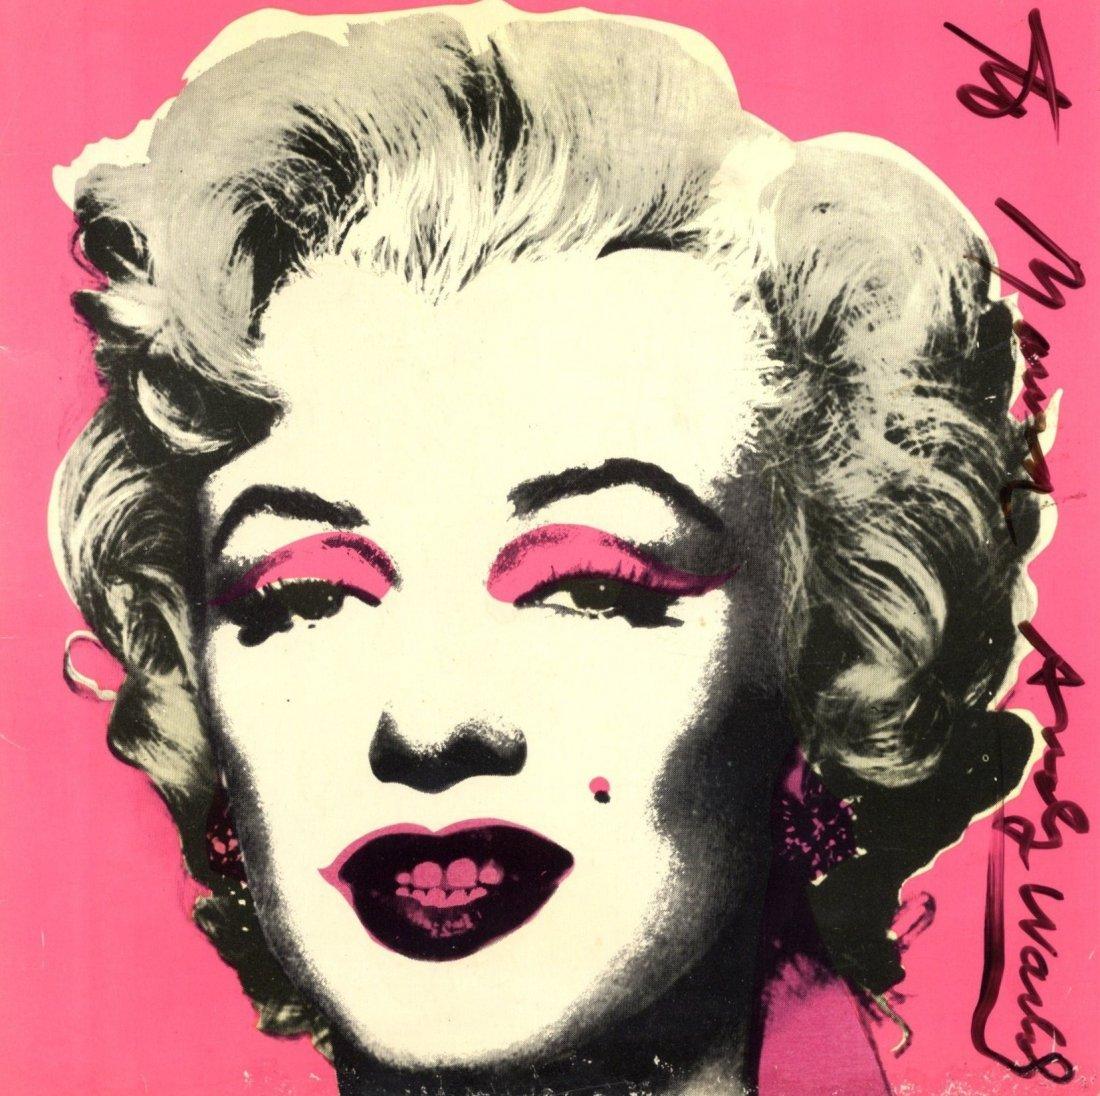 273: WARHOL ANDY: (1928-1987) American Pop Artist. A go